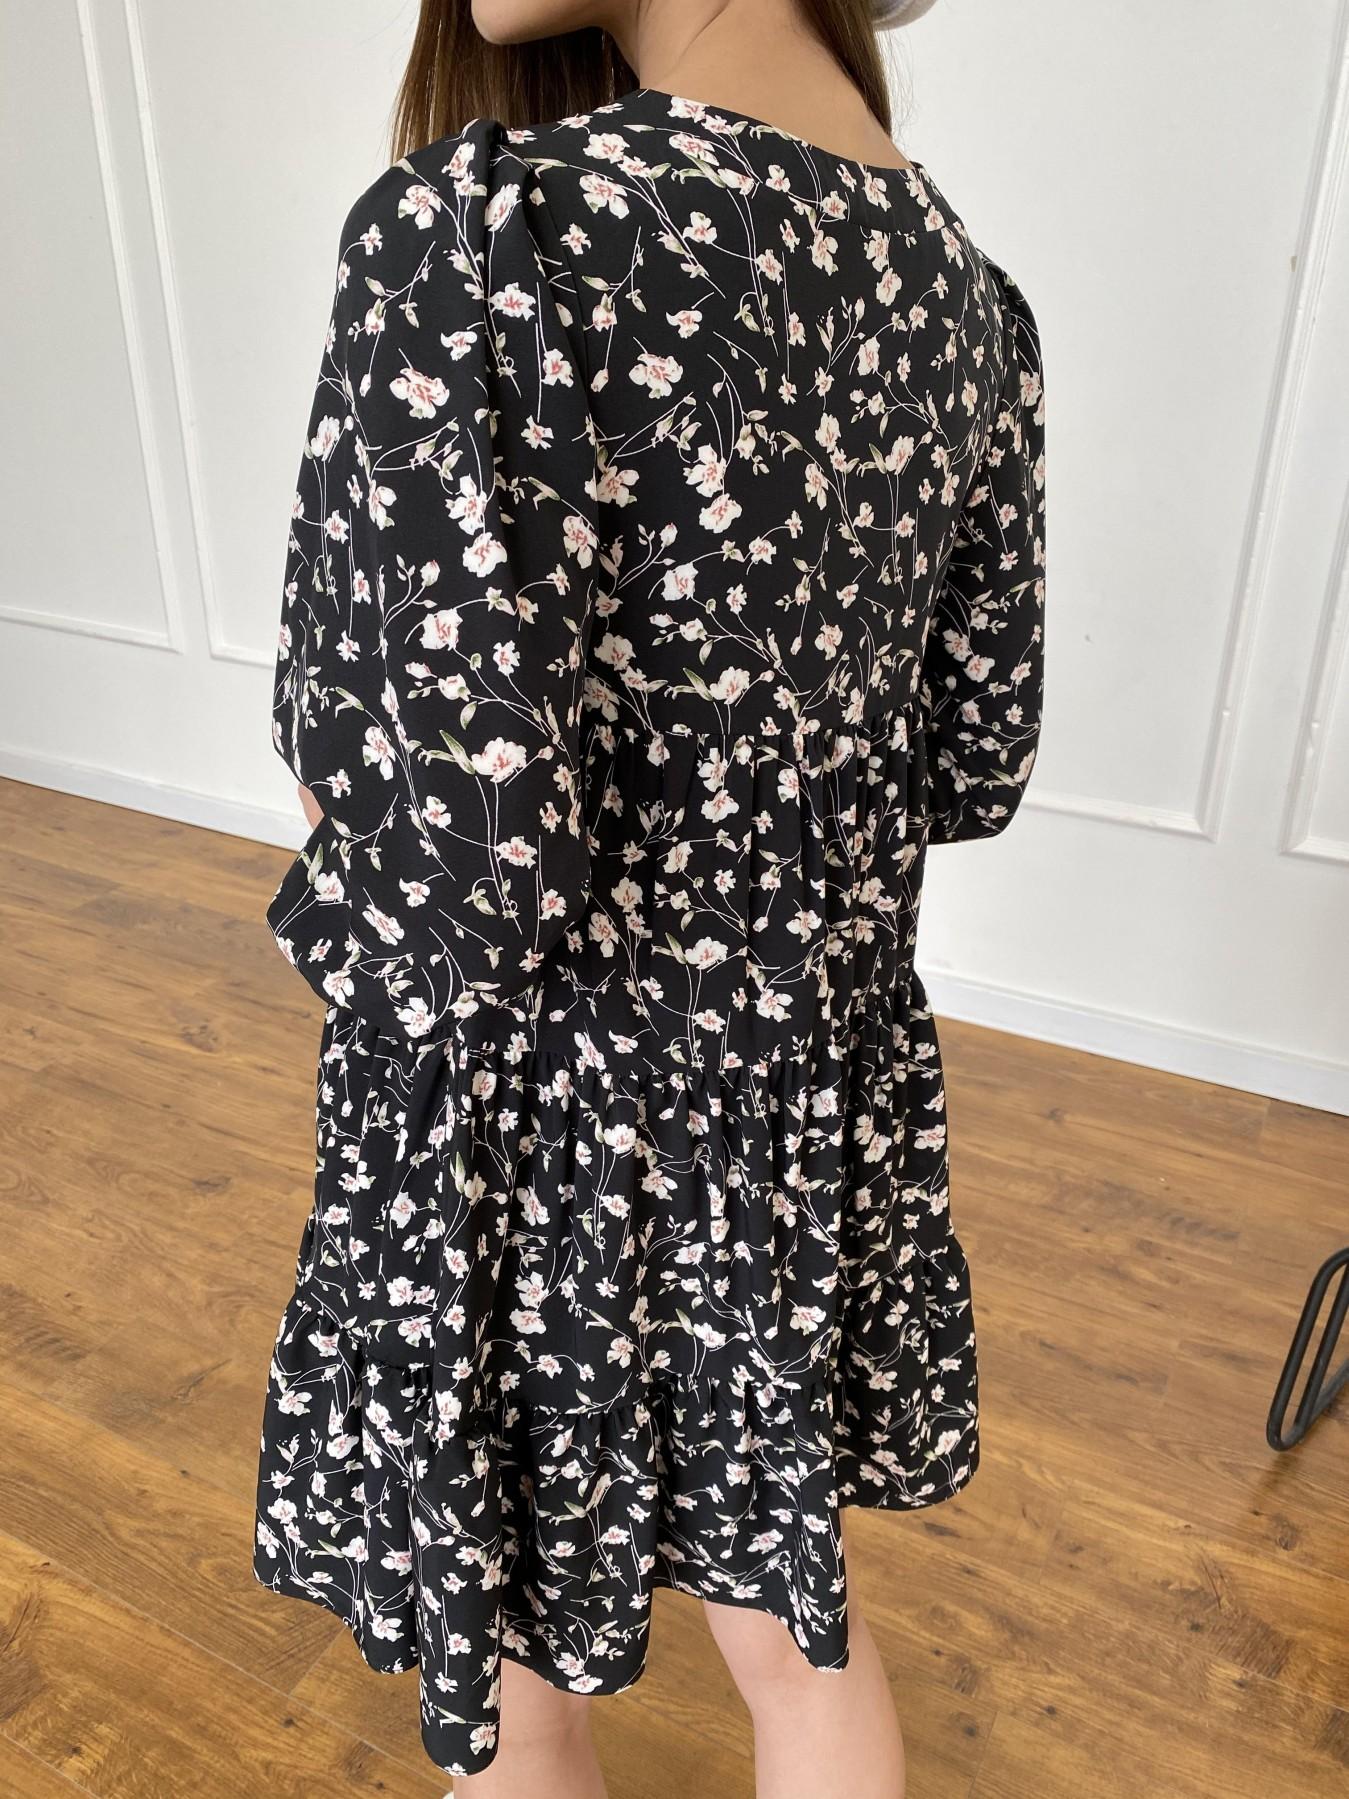 Берри платье из ткани софт в принт 11211 АРТ. 47723 Цвет: Черный/молоко, Цветы - фото 9, интернет магазин tm-modus.ru